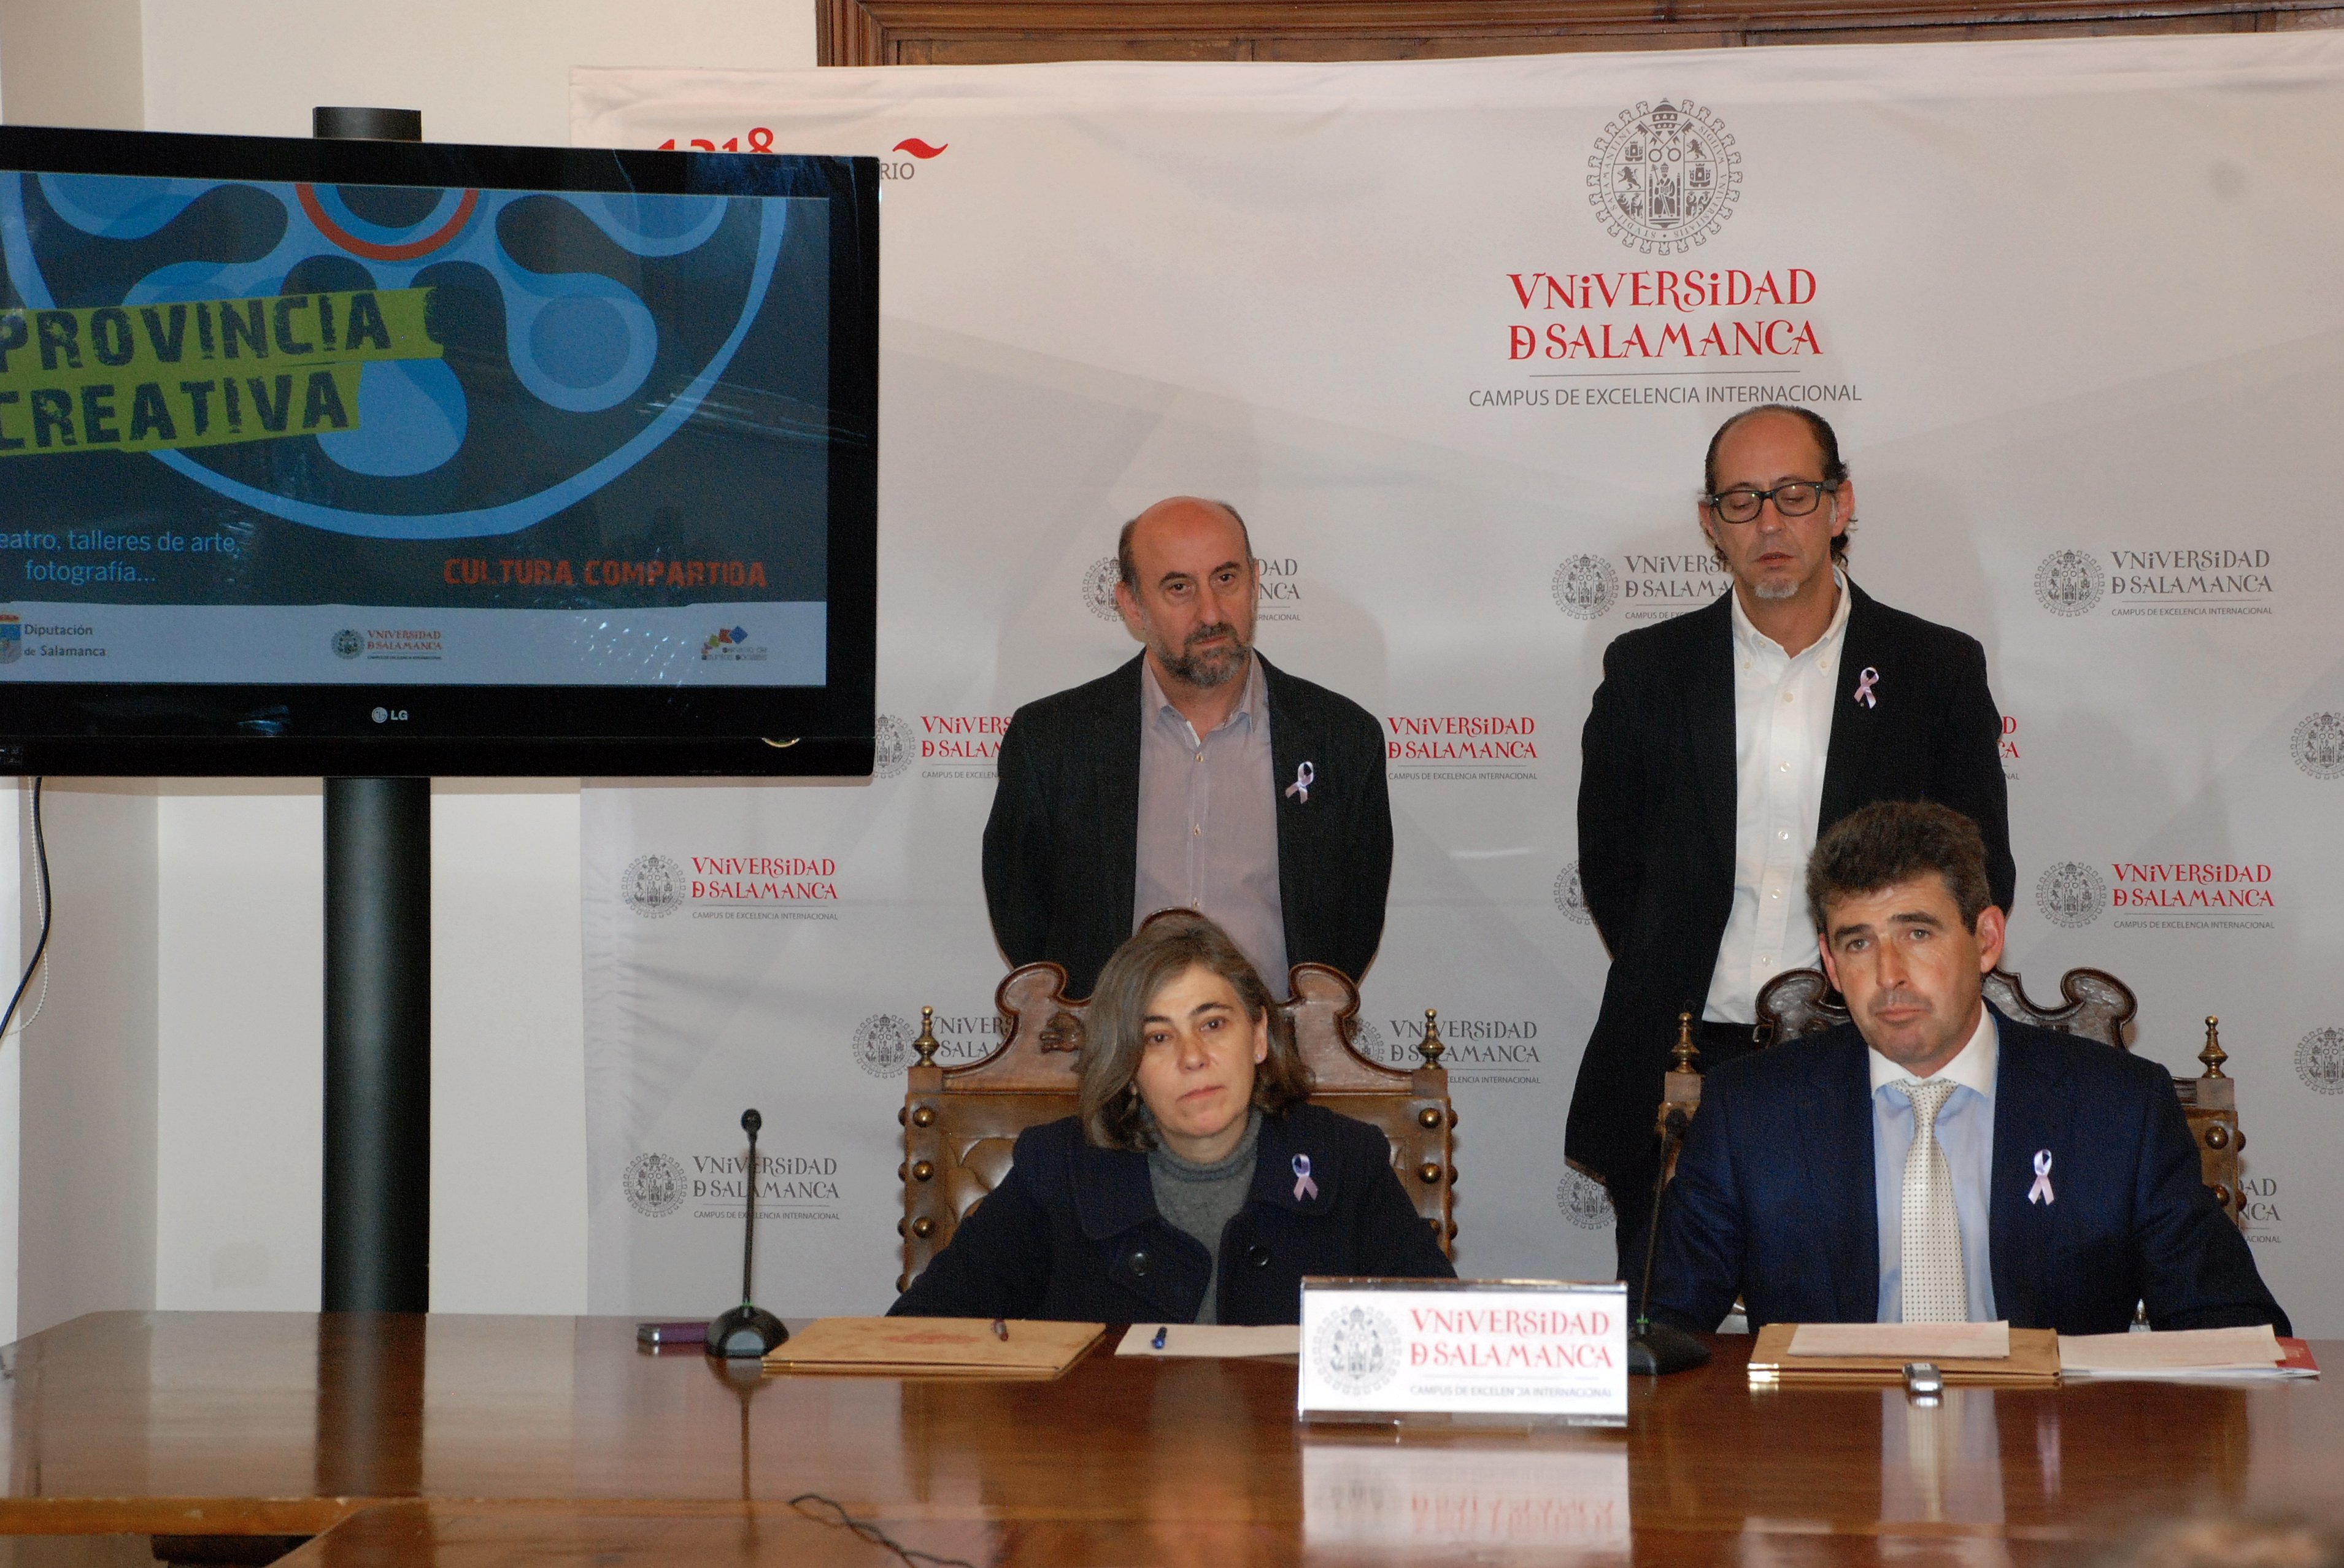 La Universidad y la Diputación renuevan su colaboración para la puesta en marcha del programa de voluntariado 'Provincia Creativa'